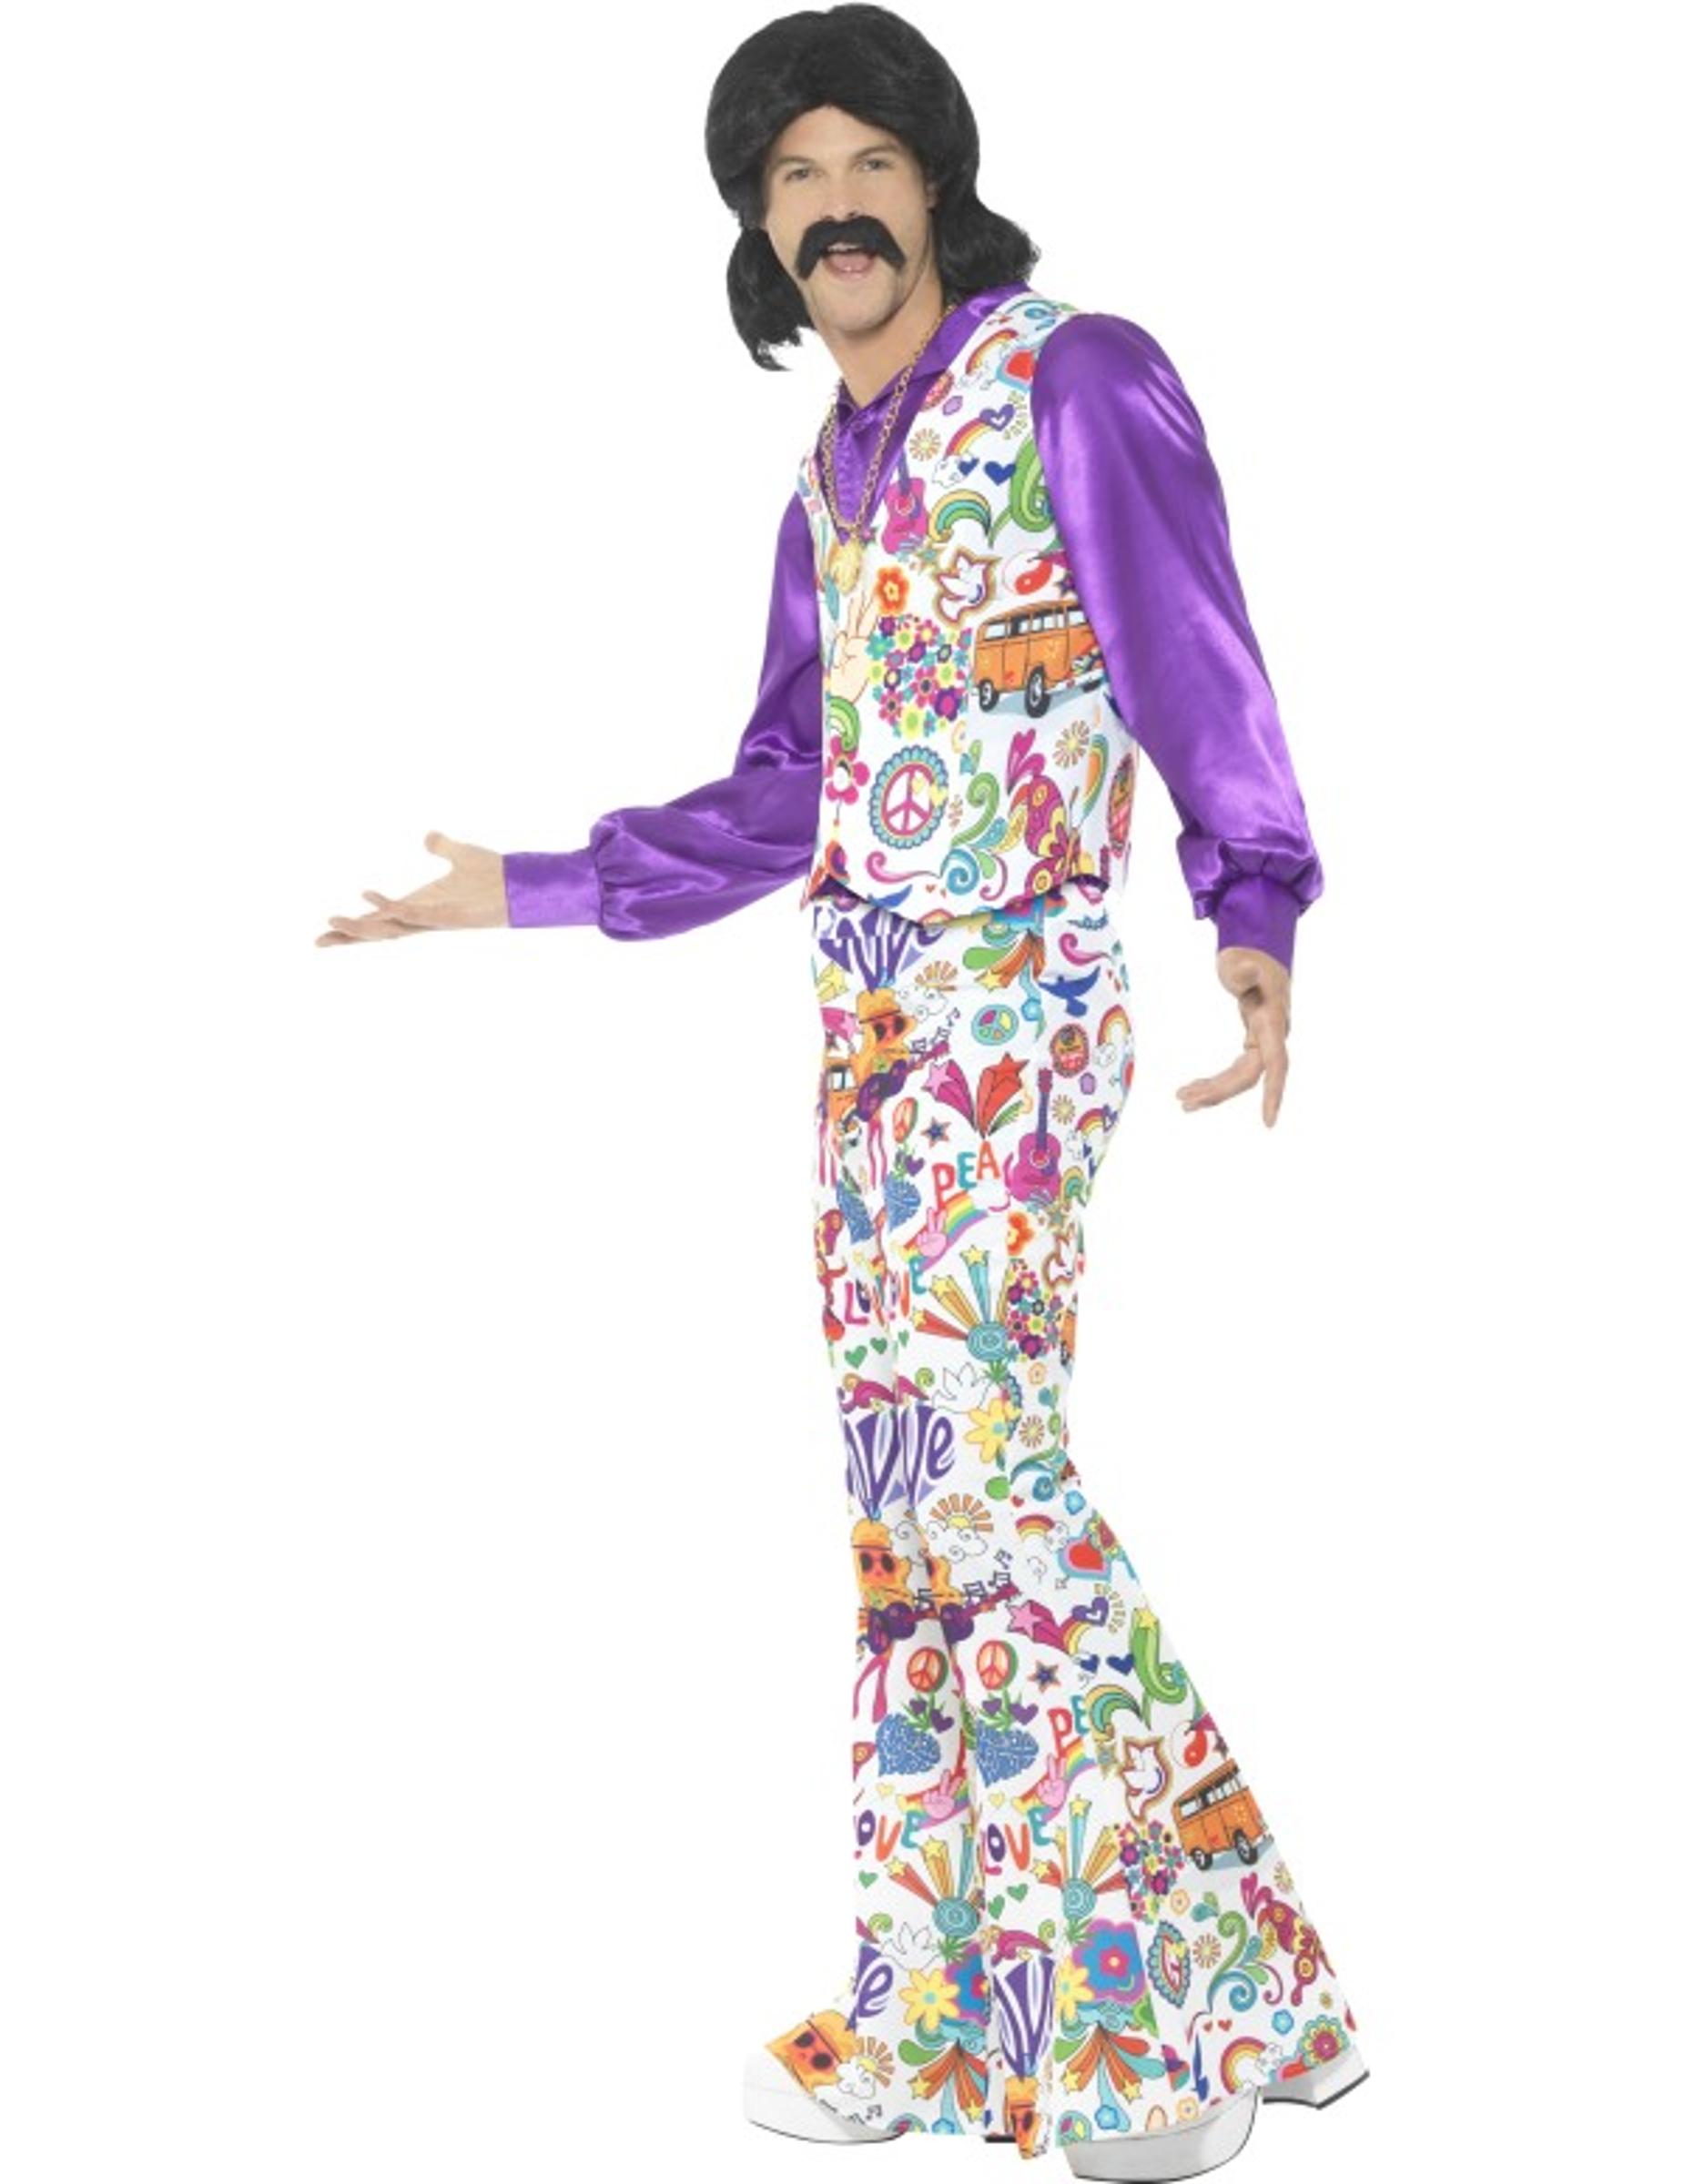 Déguisement hippie cool années 60 homme   Deguise-toi, achat de ... 2c3428354d7b